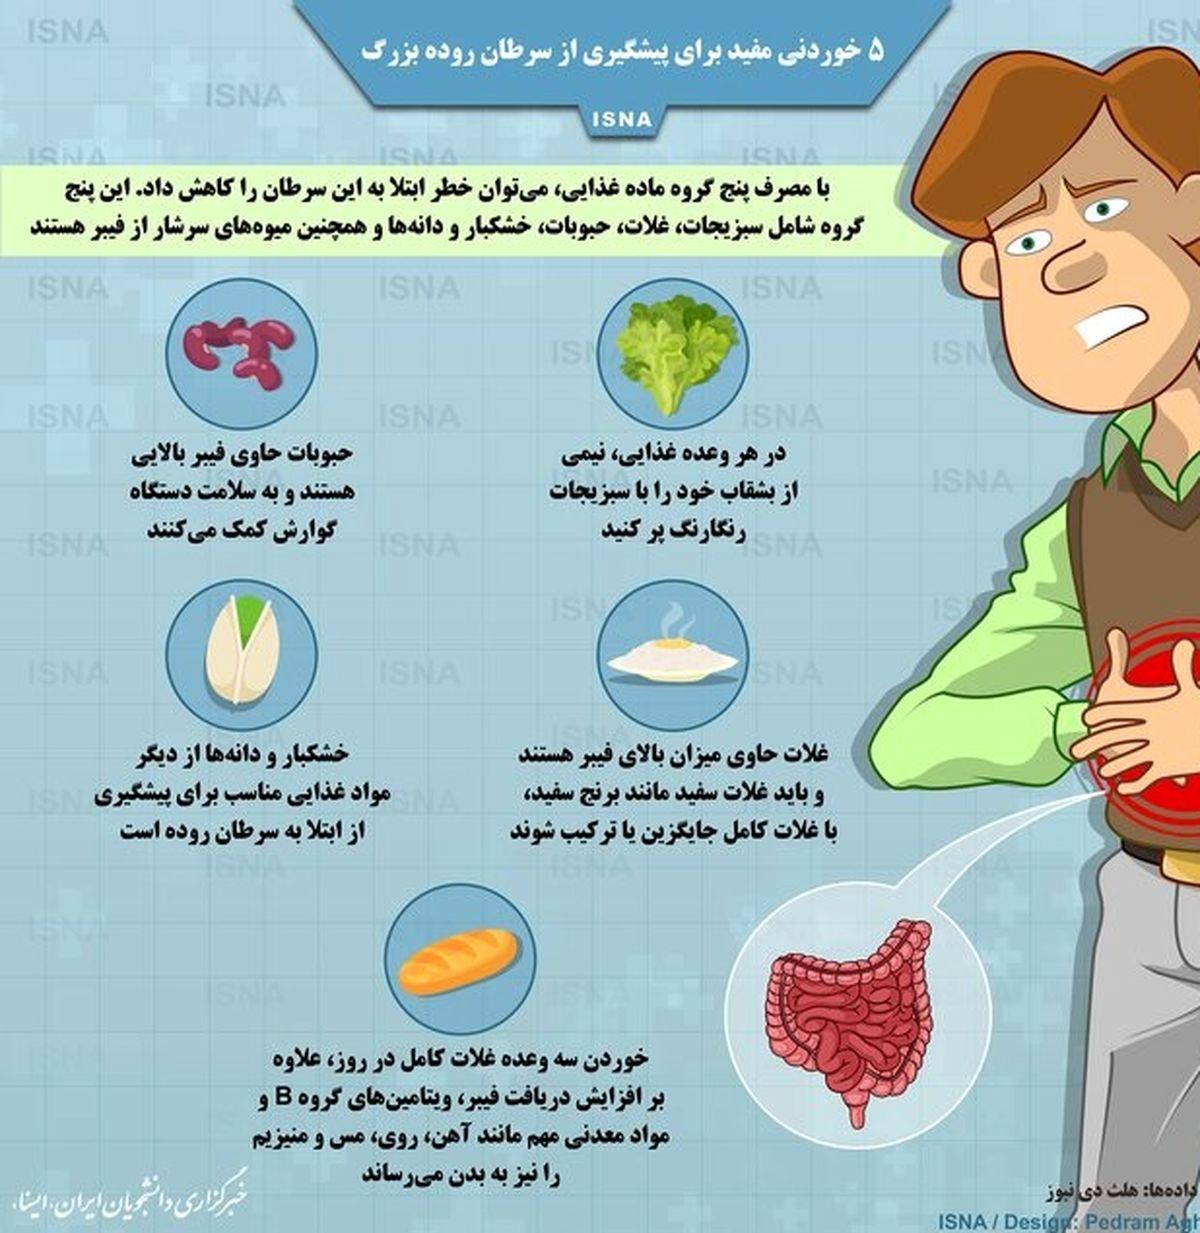 پنج خوردنی مفید برای پیشگیری از سرطان روده بزرگ